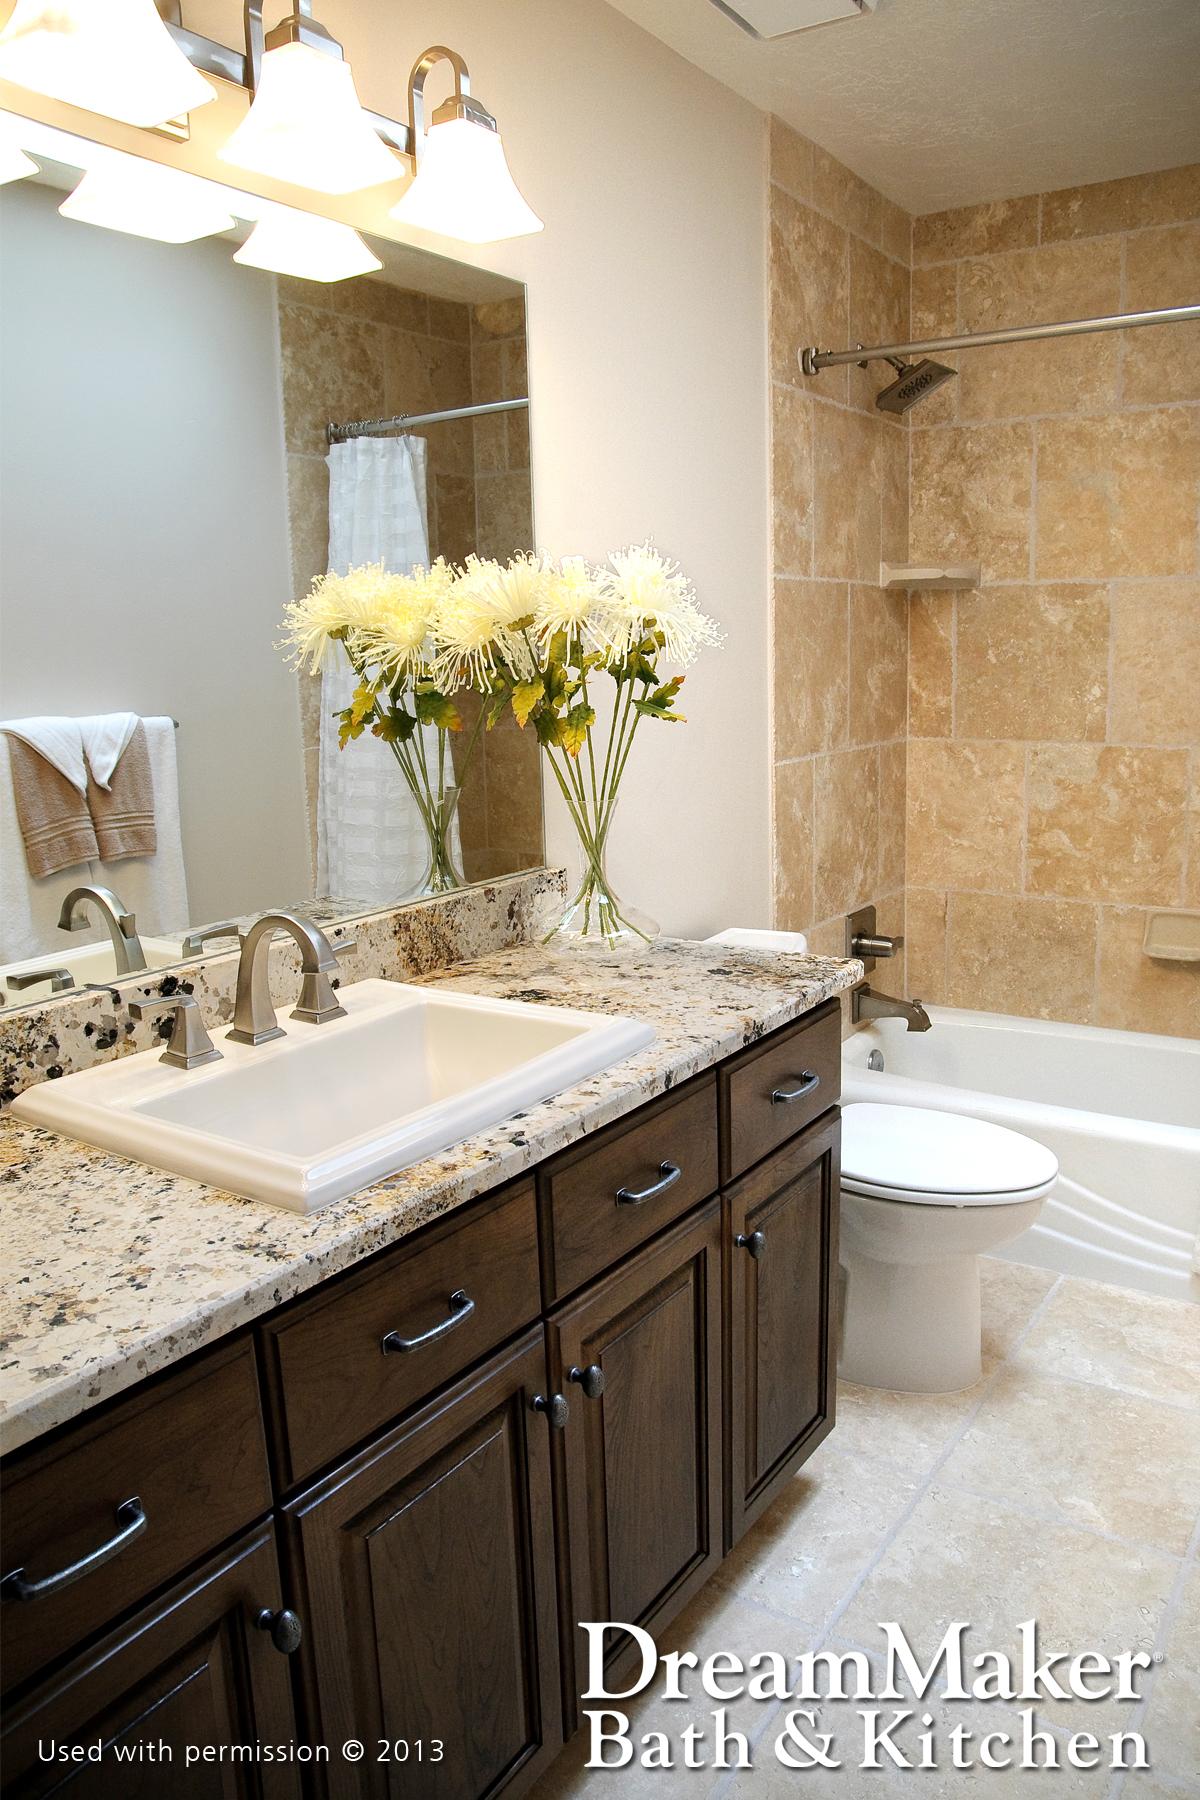 Standard Baths Gallery Lubbock Dreammaker Bath And Remodeling - Bathroom remodel lubbock